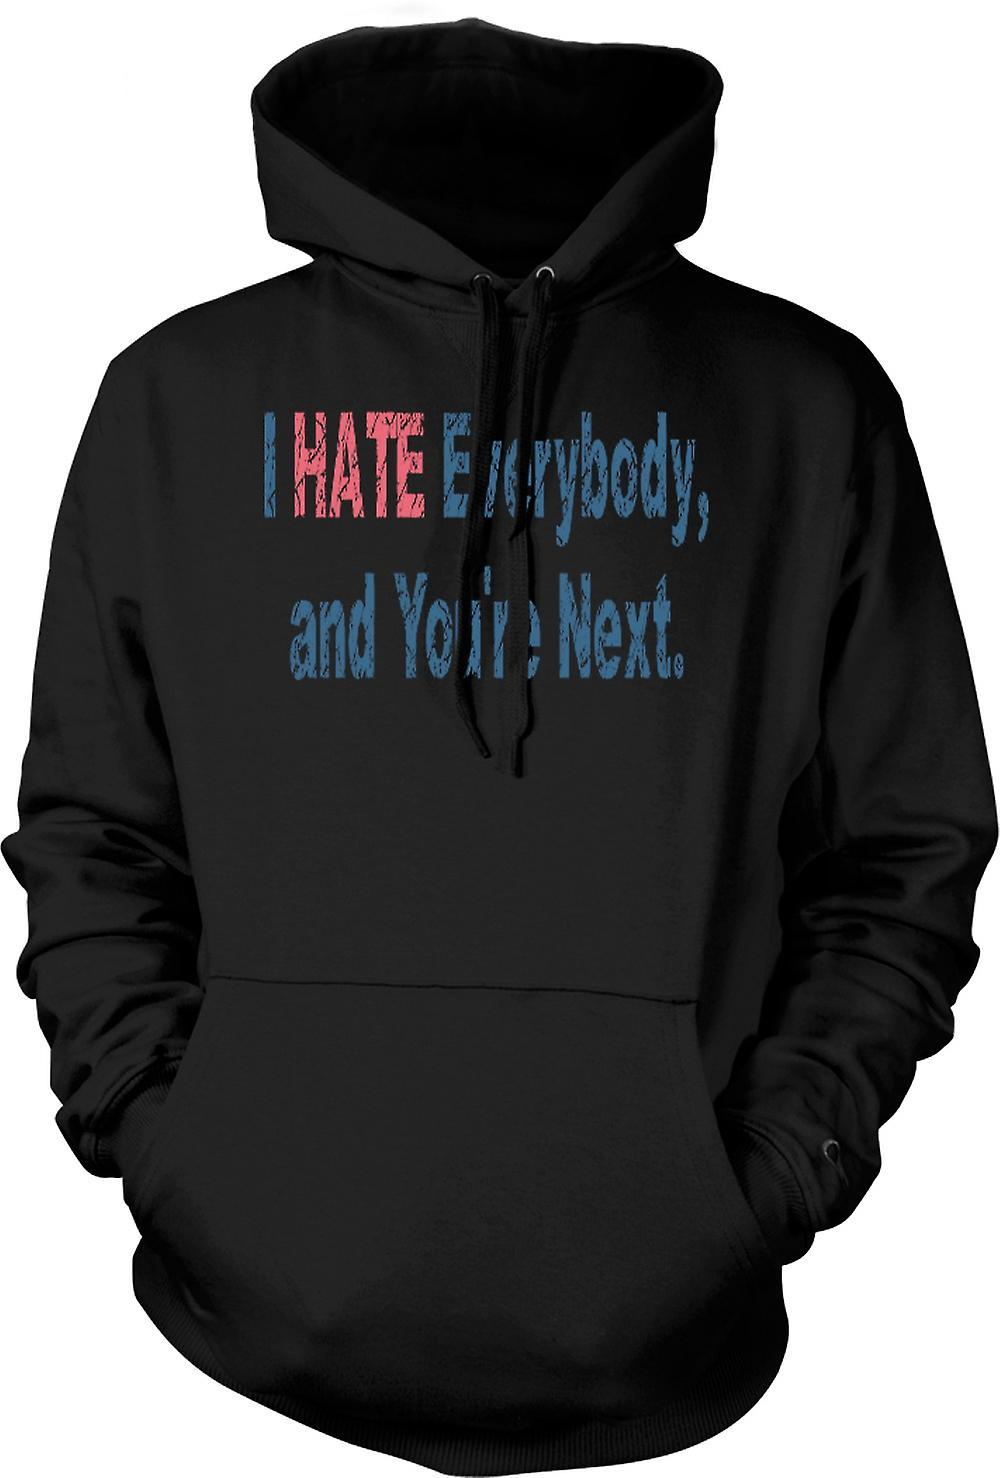 Mens Hoodie - ich HATE alle, und du weiter bist.